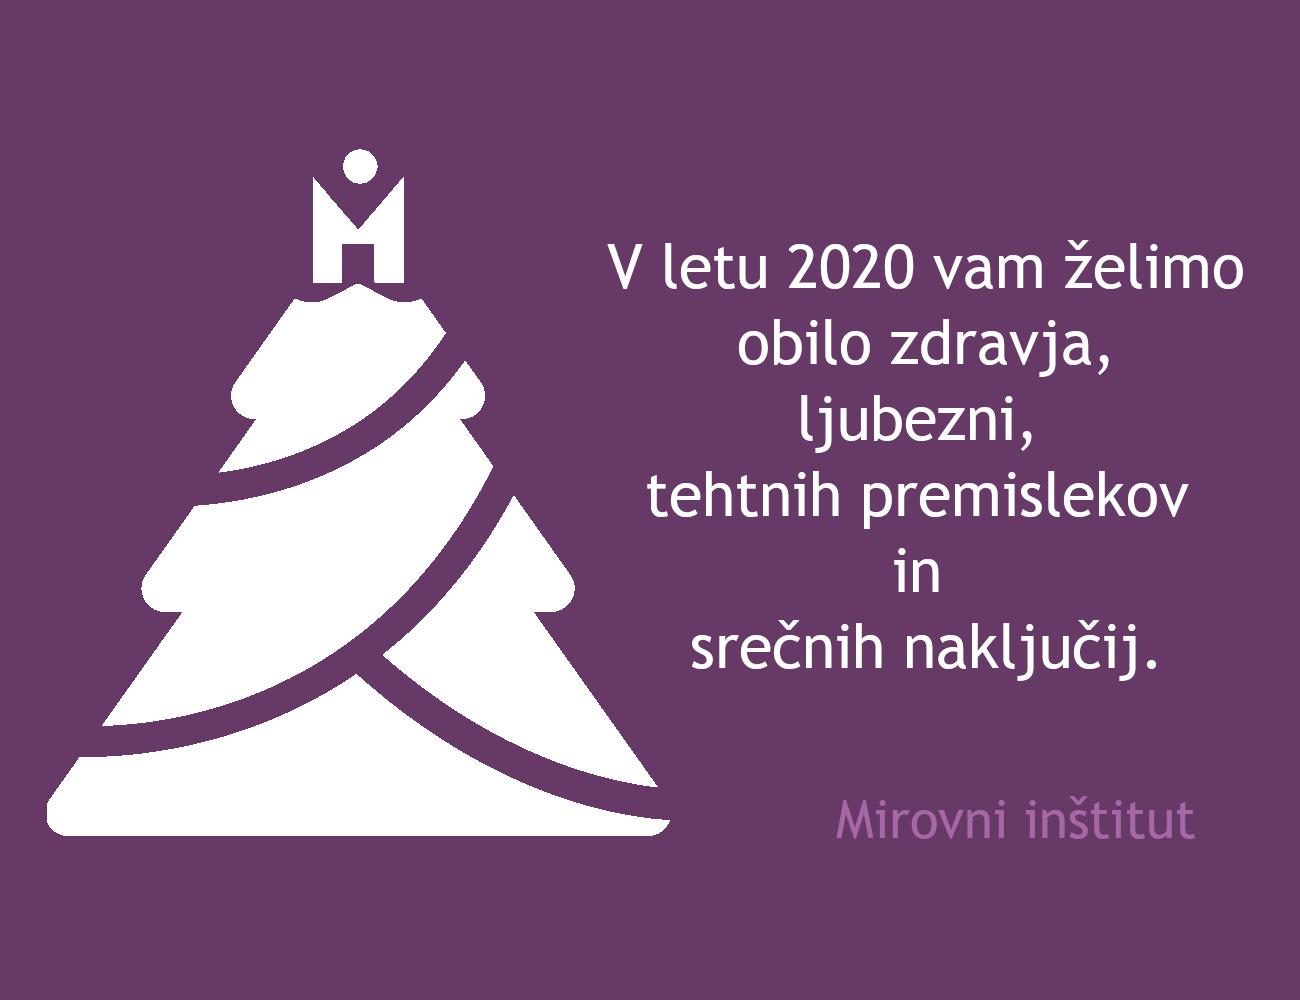 MI cestitka_2020